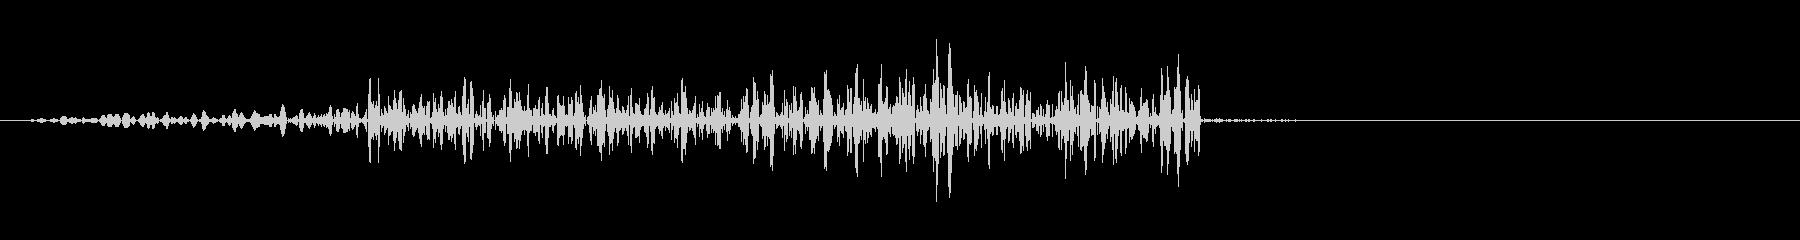 ラジオスタティック4の未再生の波形